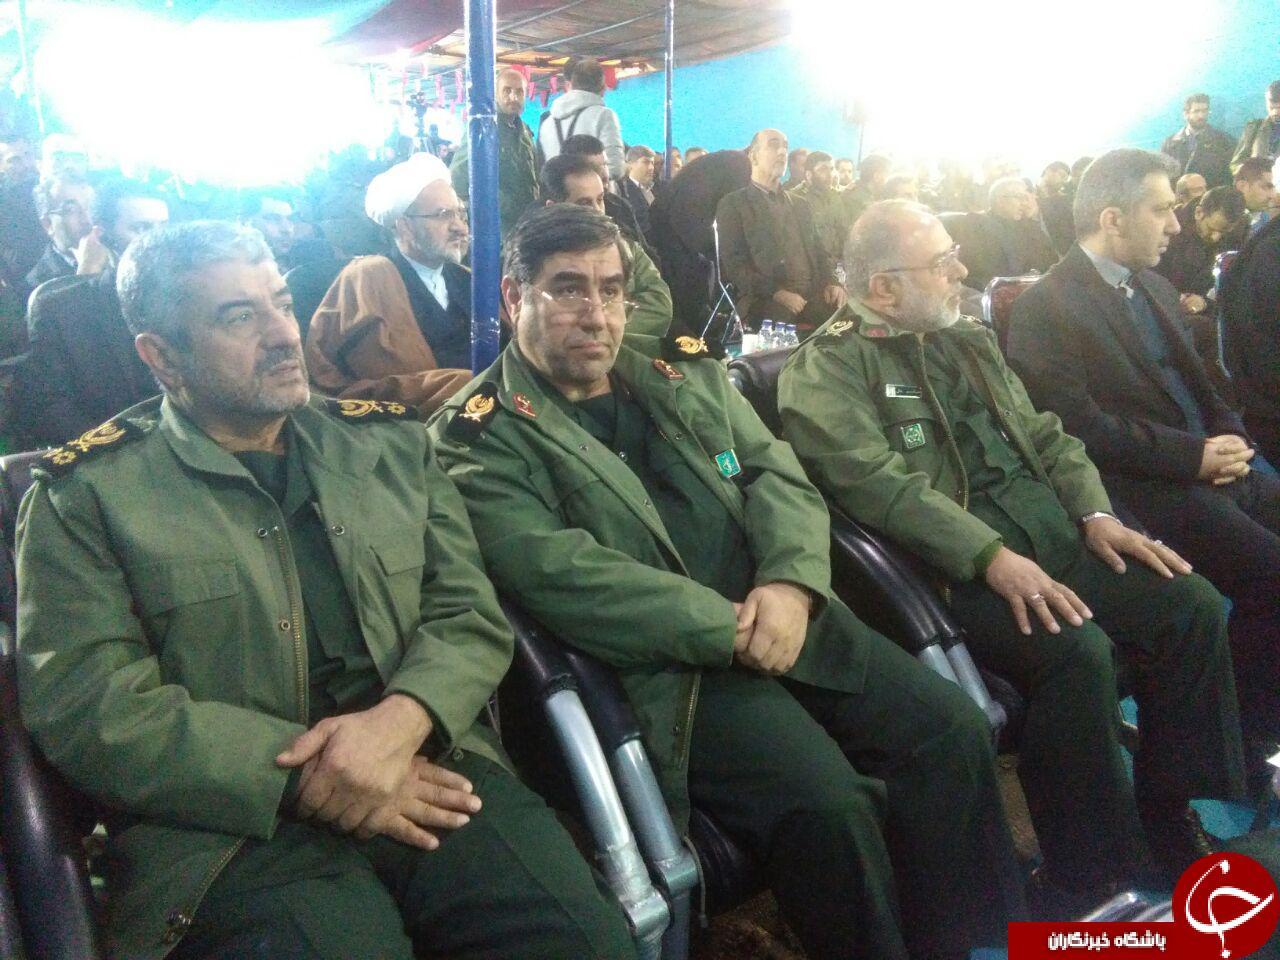 سفر فرماندهی کل سپاه پاسداران در مازندران+ تصاویر